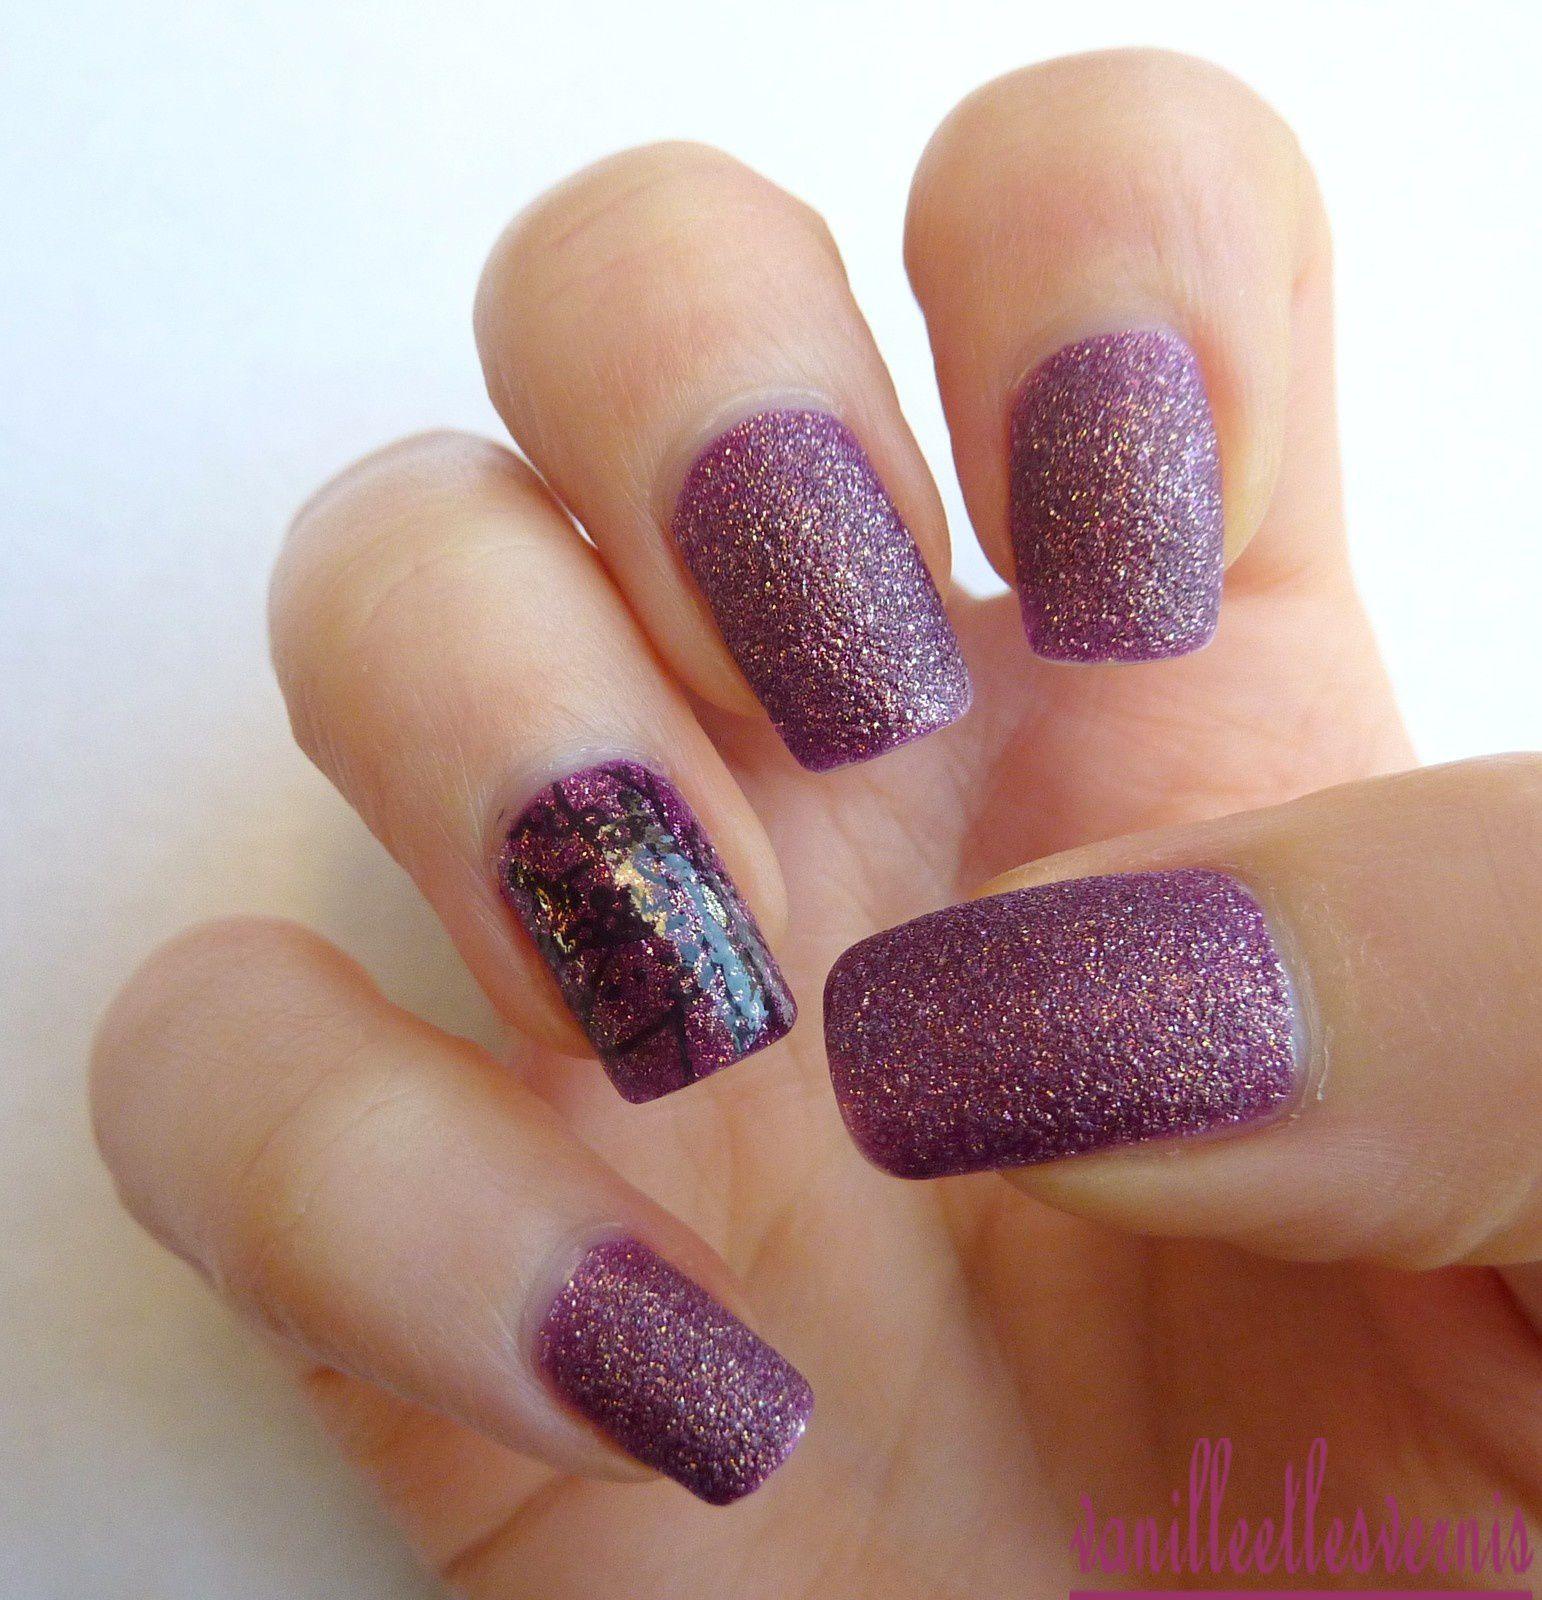 P2 sand prune et son accent nail floral